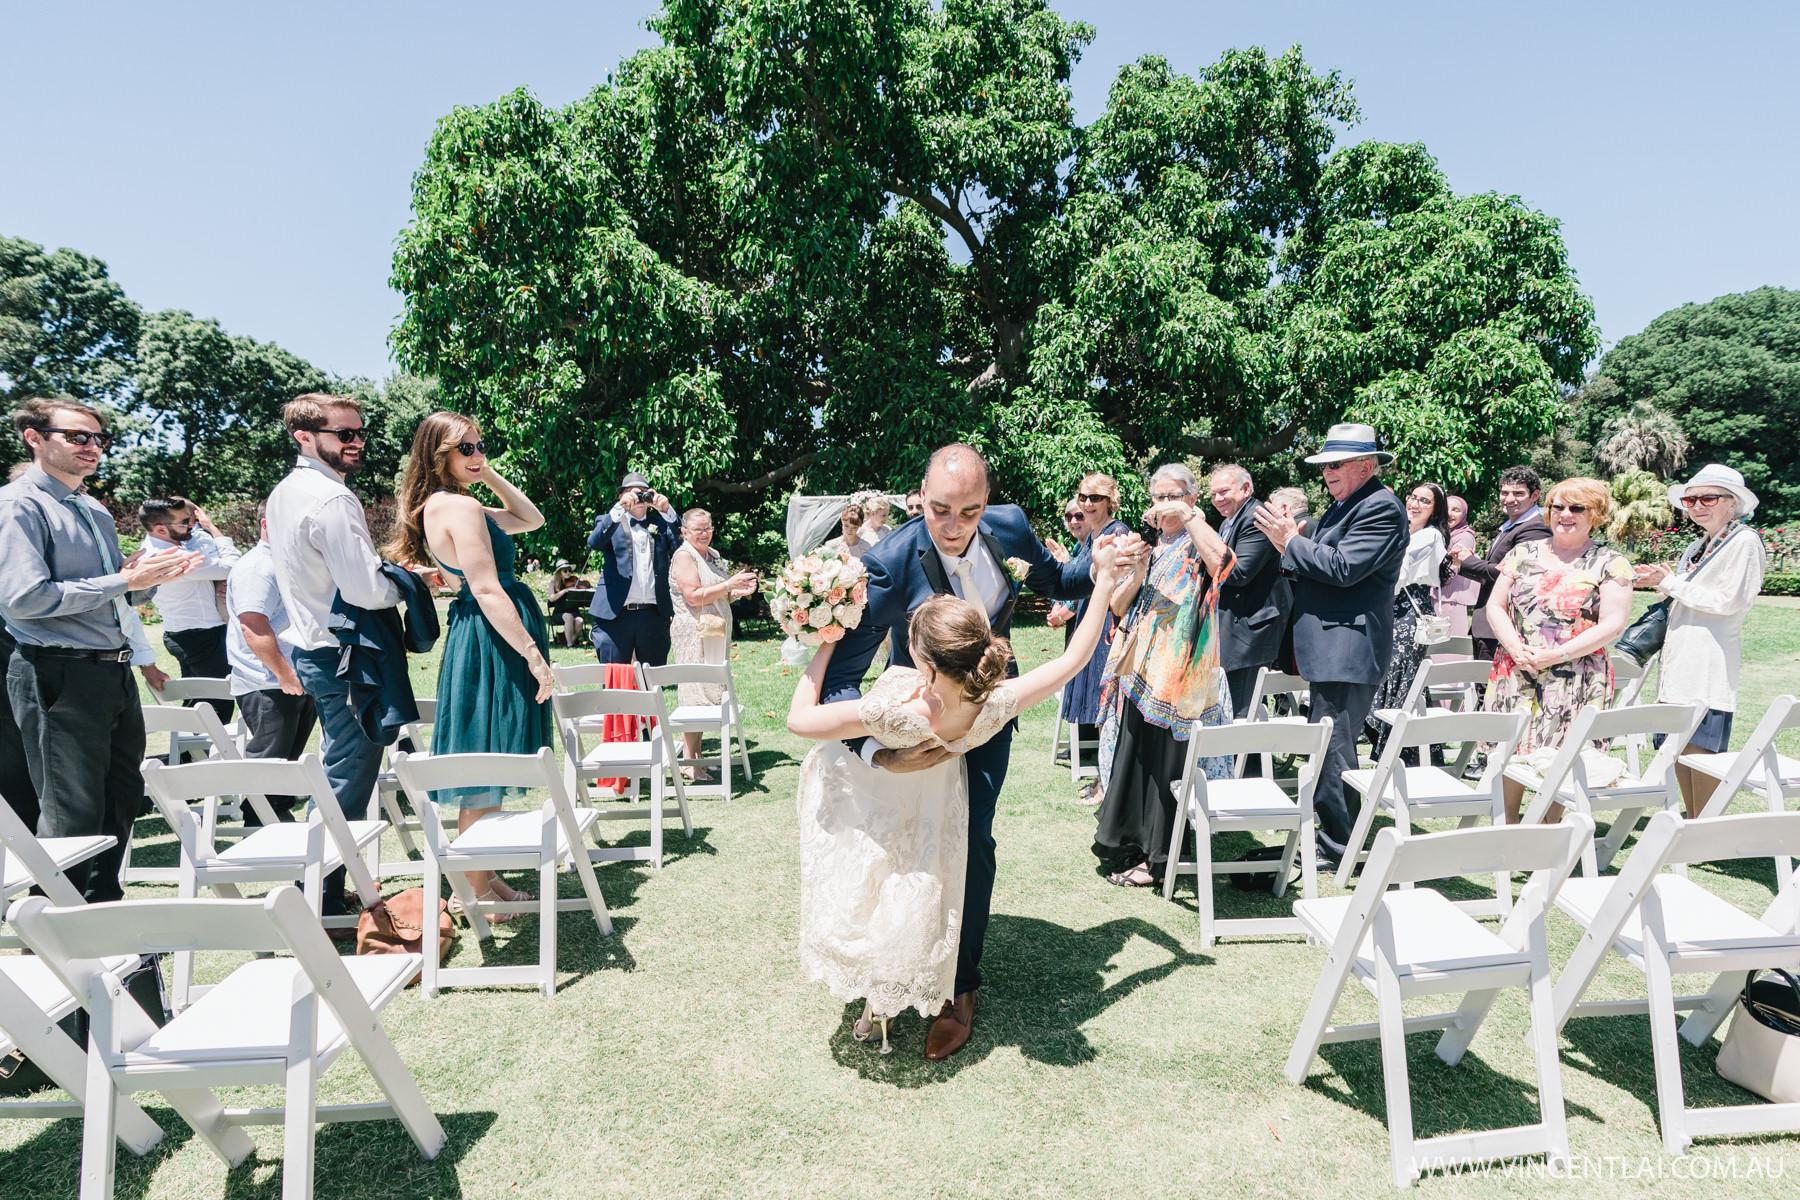 WeddingRose Garden Pavilion and Lawn